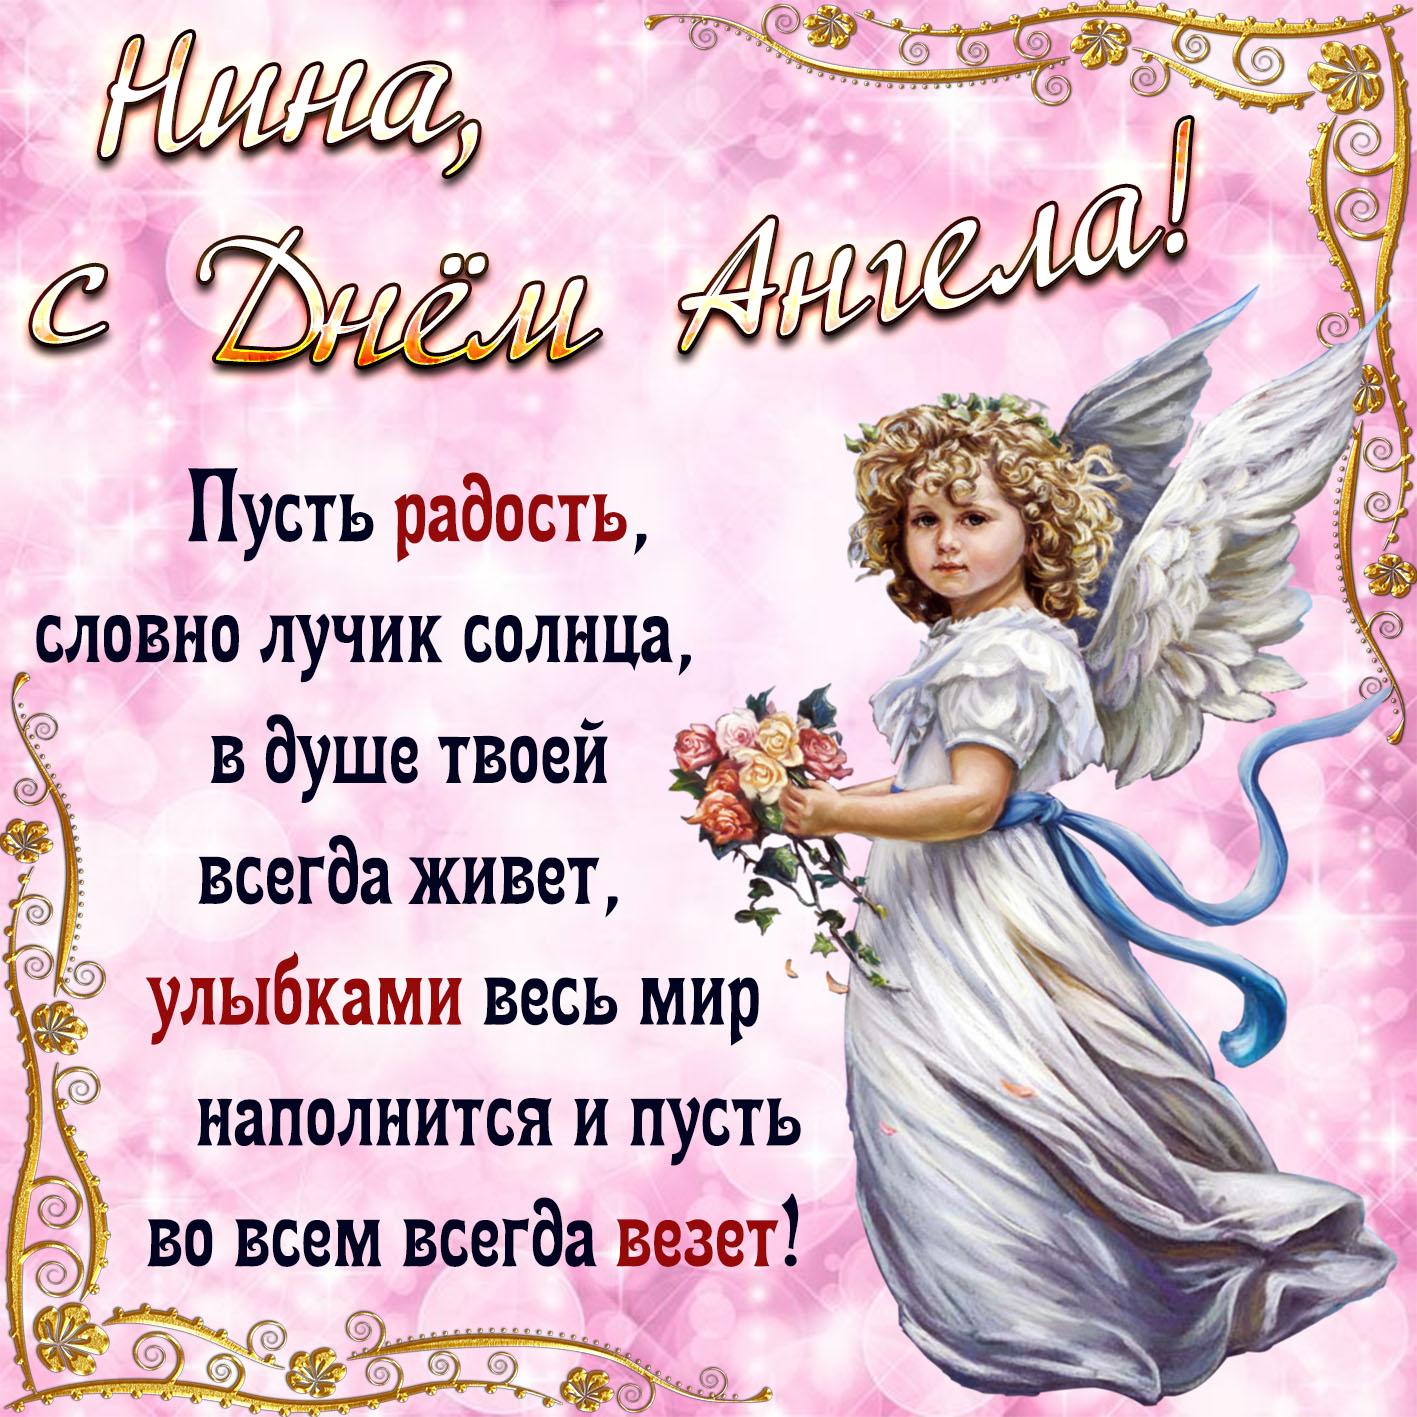 Открытка на день ангела девушке